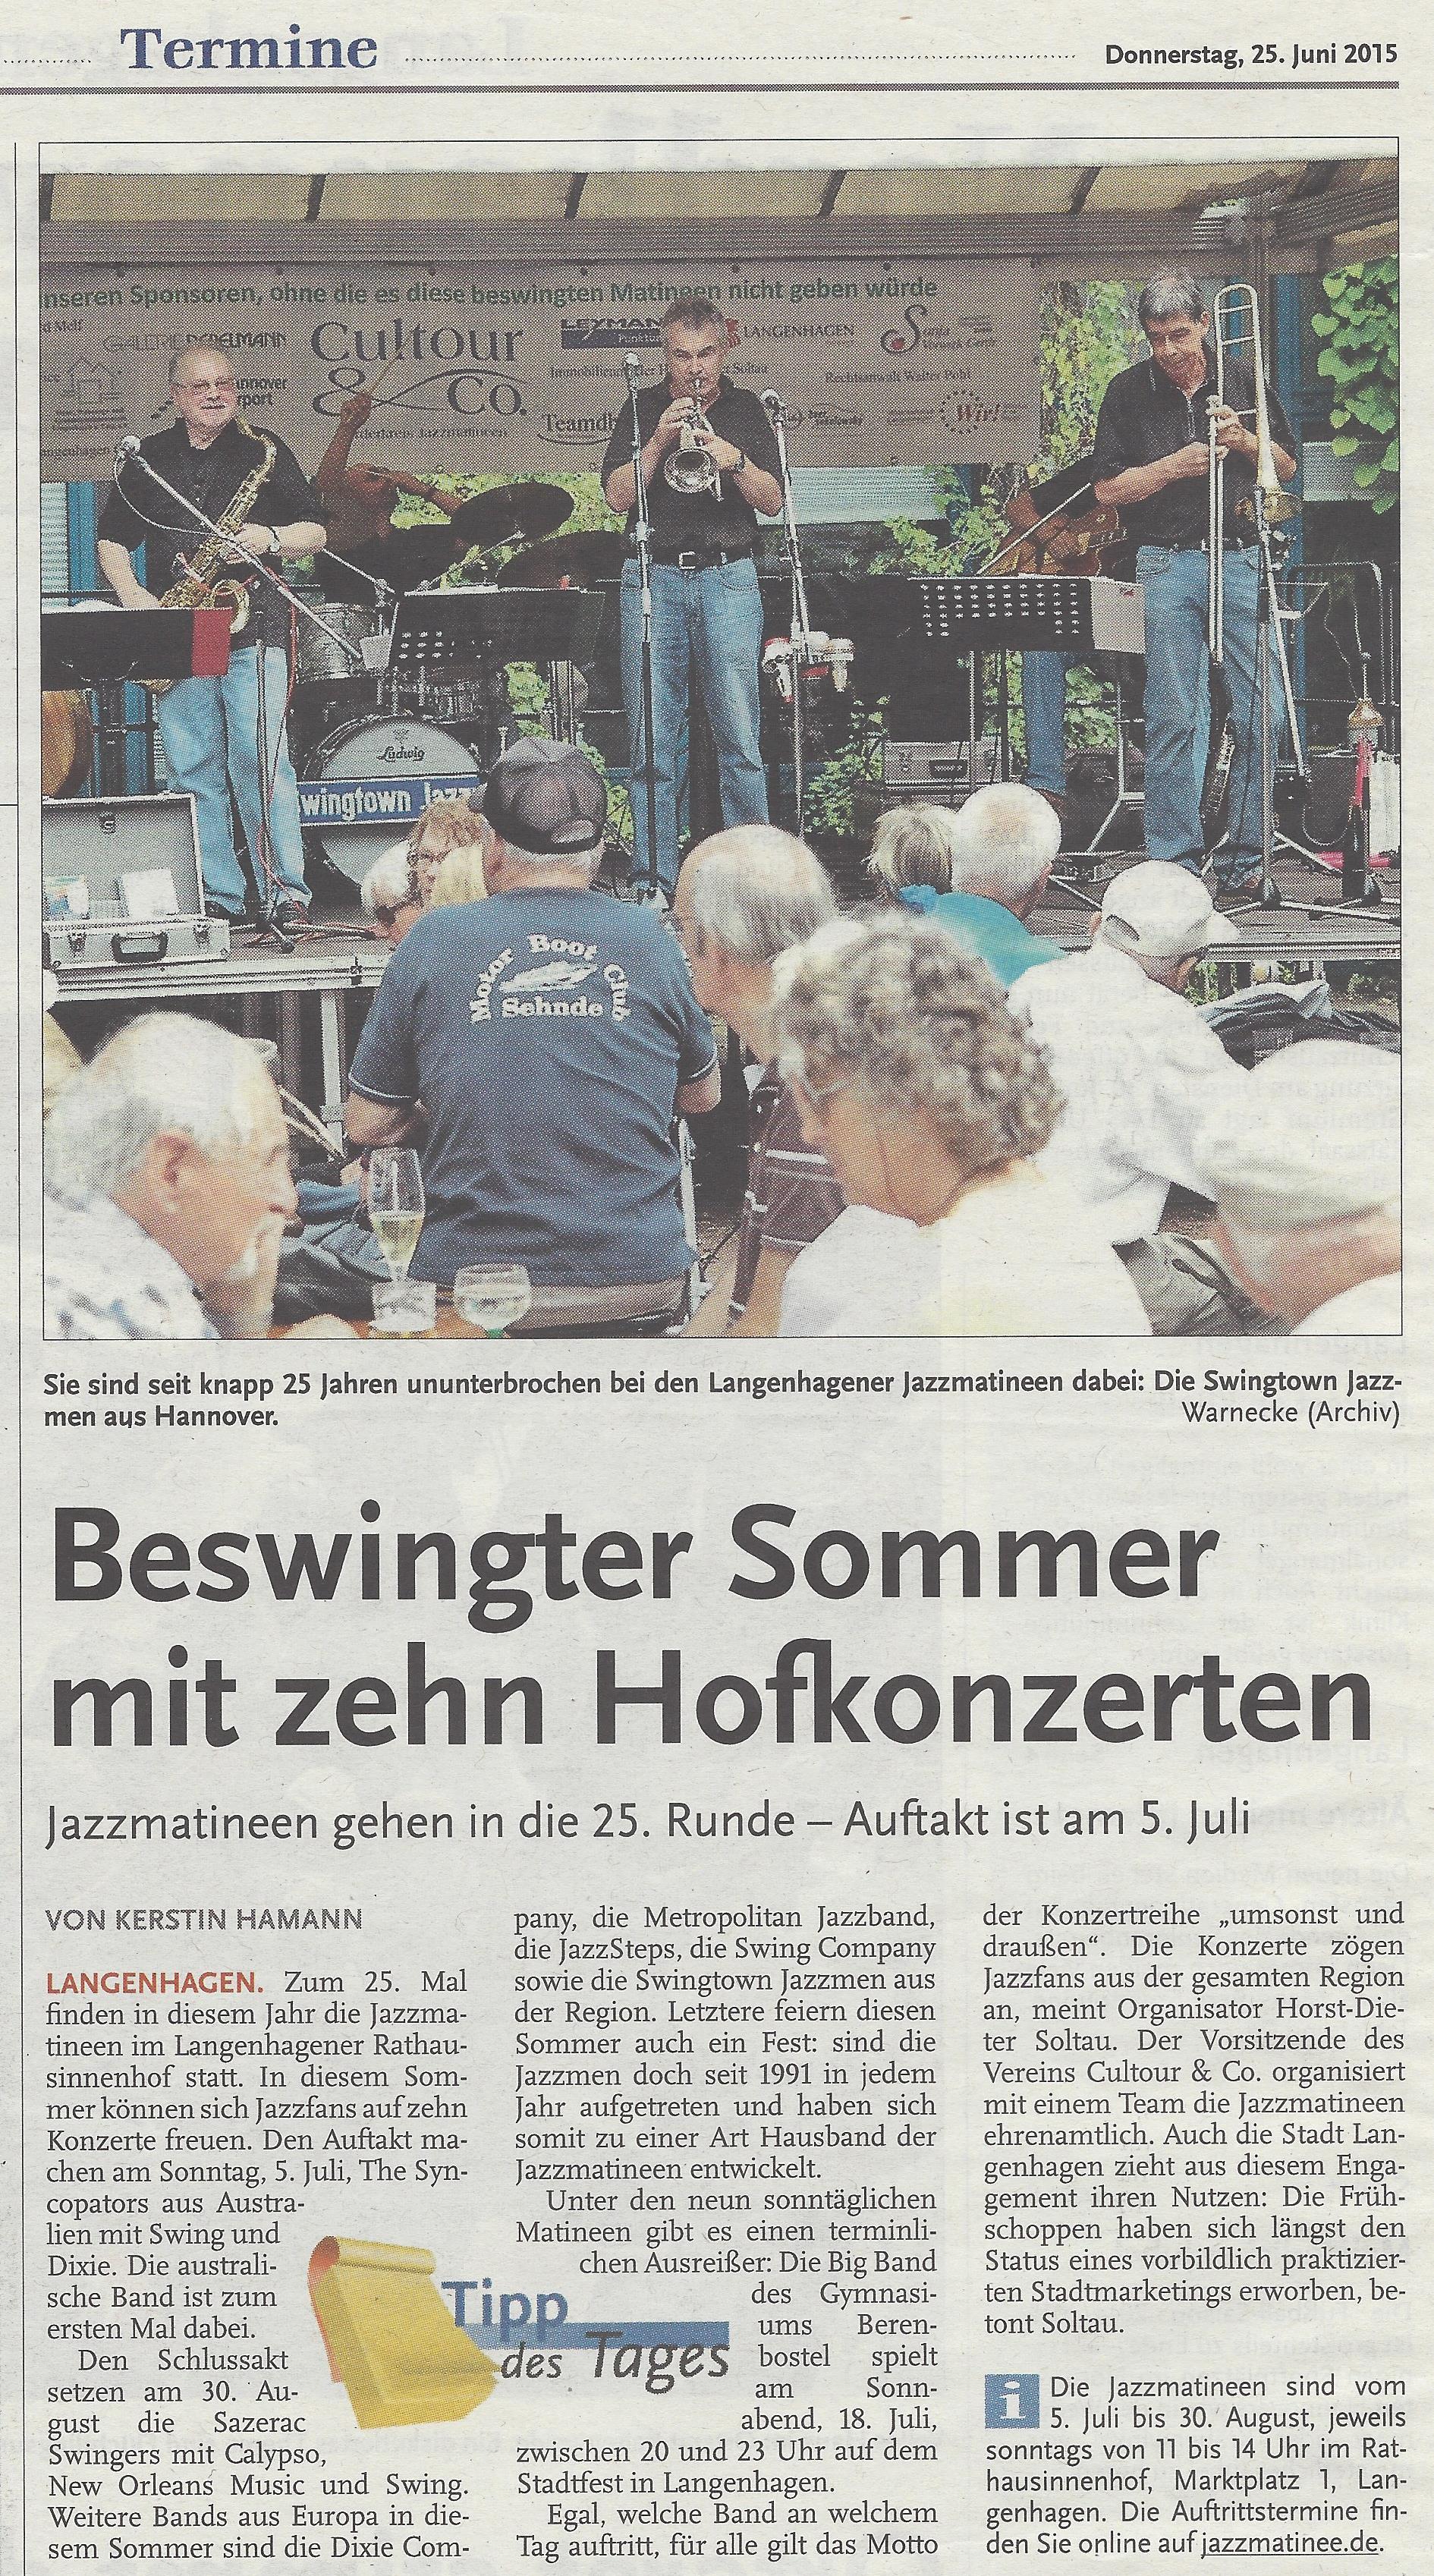 Beswingter Sommer mit zehn Hofkonzerten